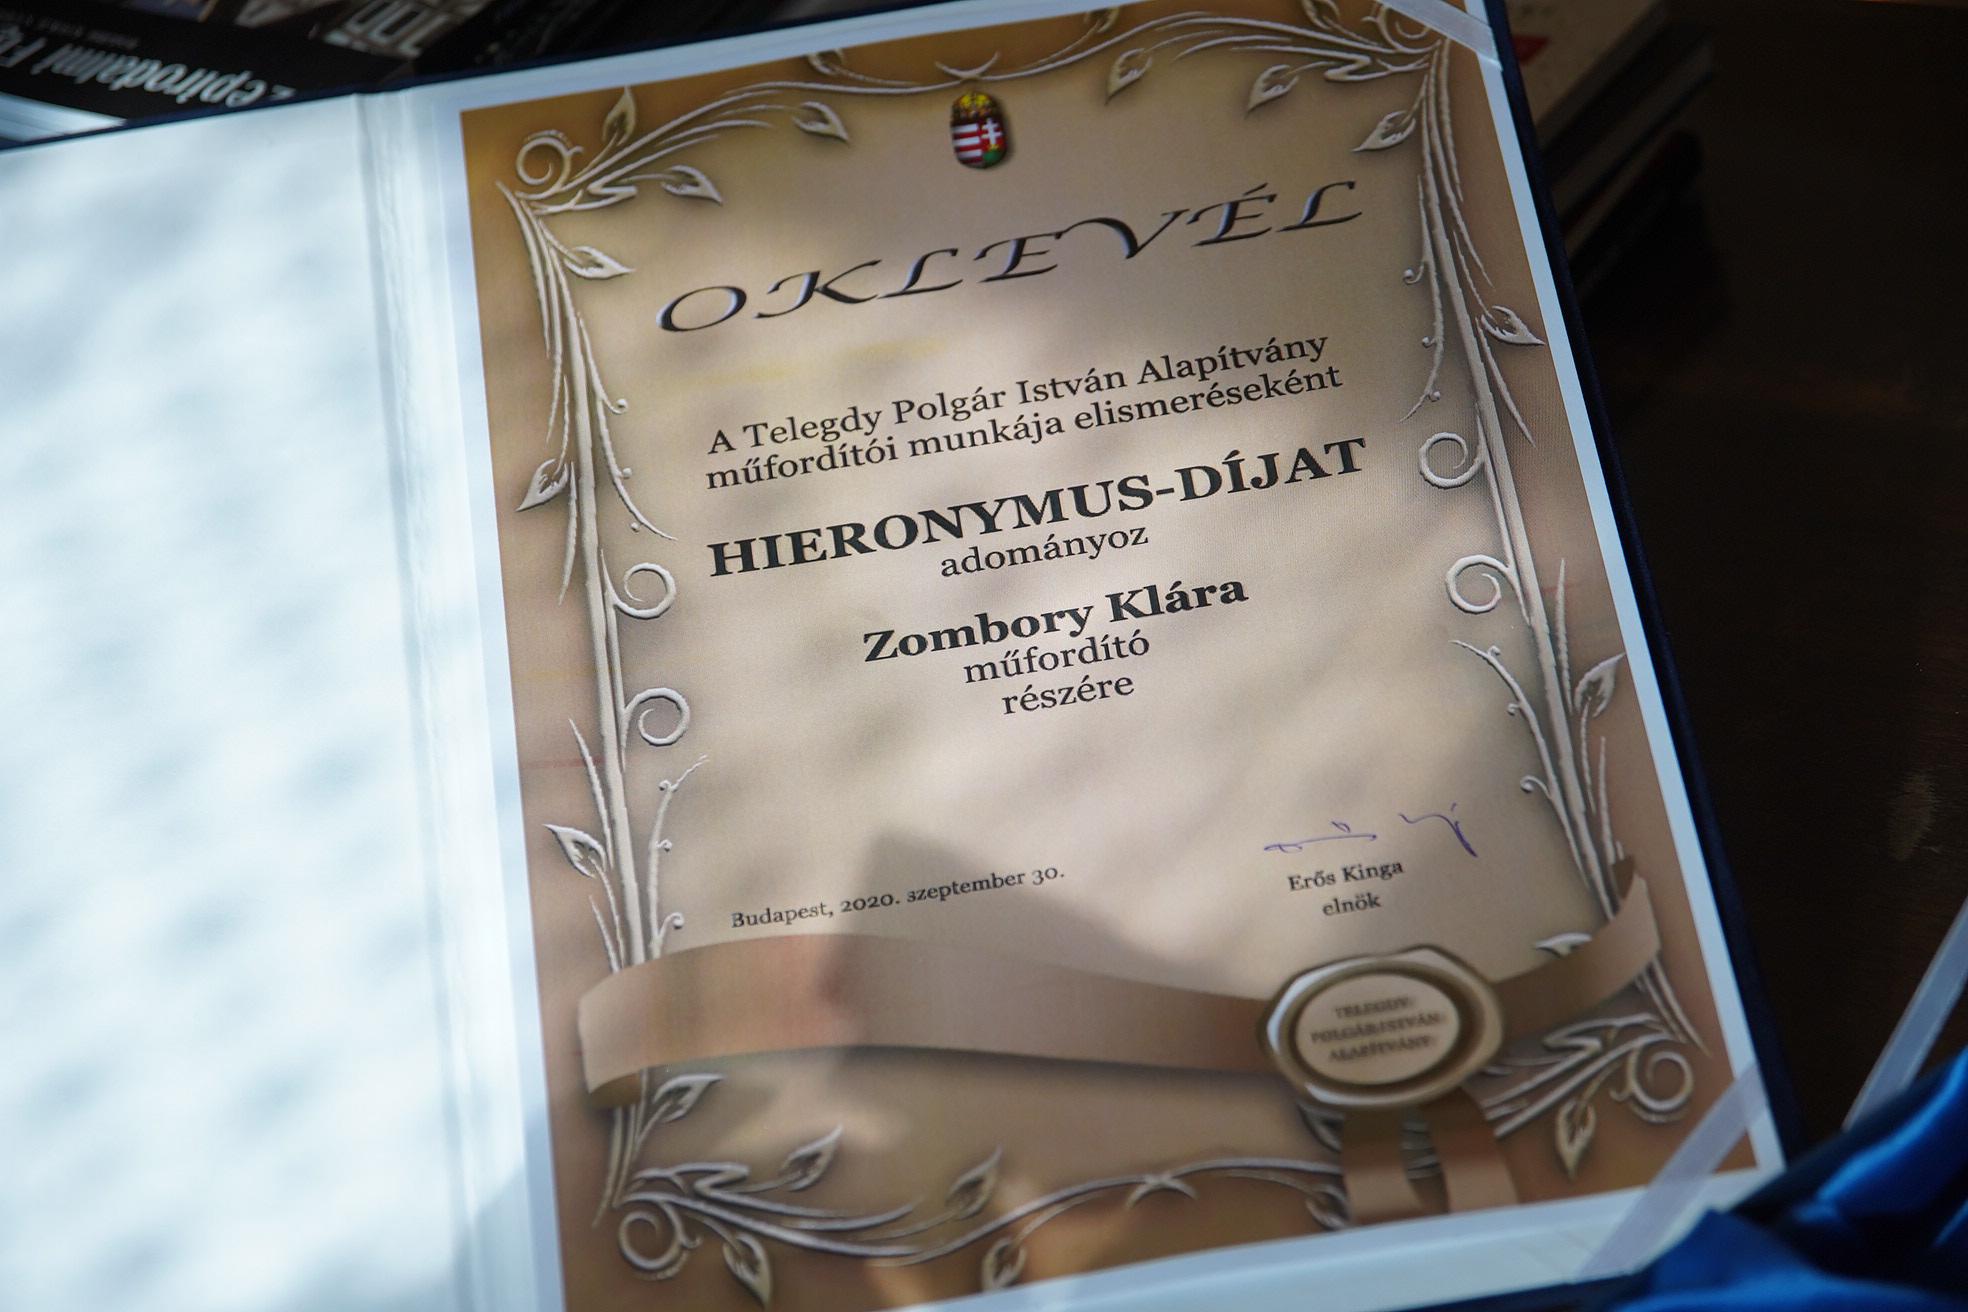 Vadócz Dávid-A Hieronymus-díjjal járó oklevél